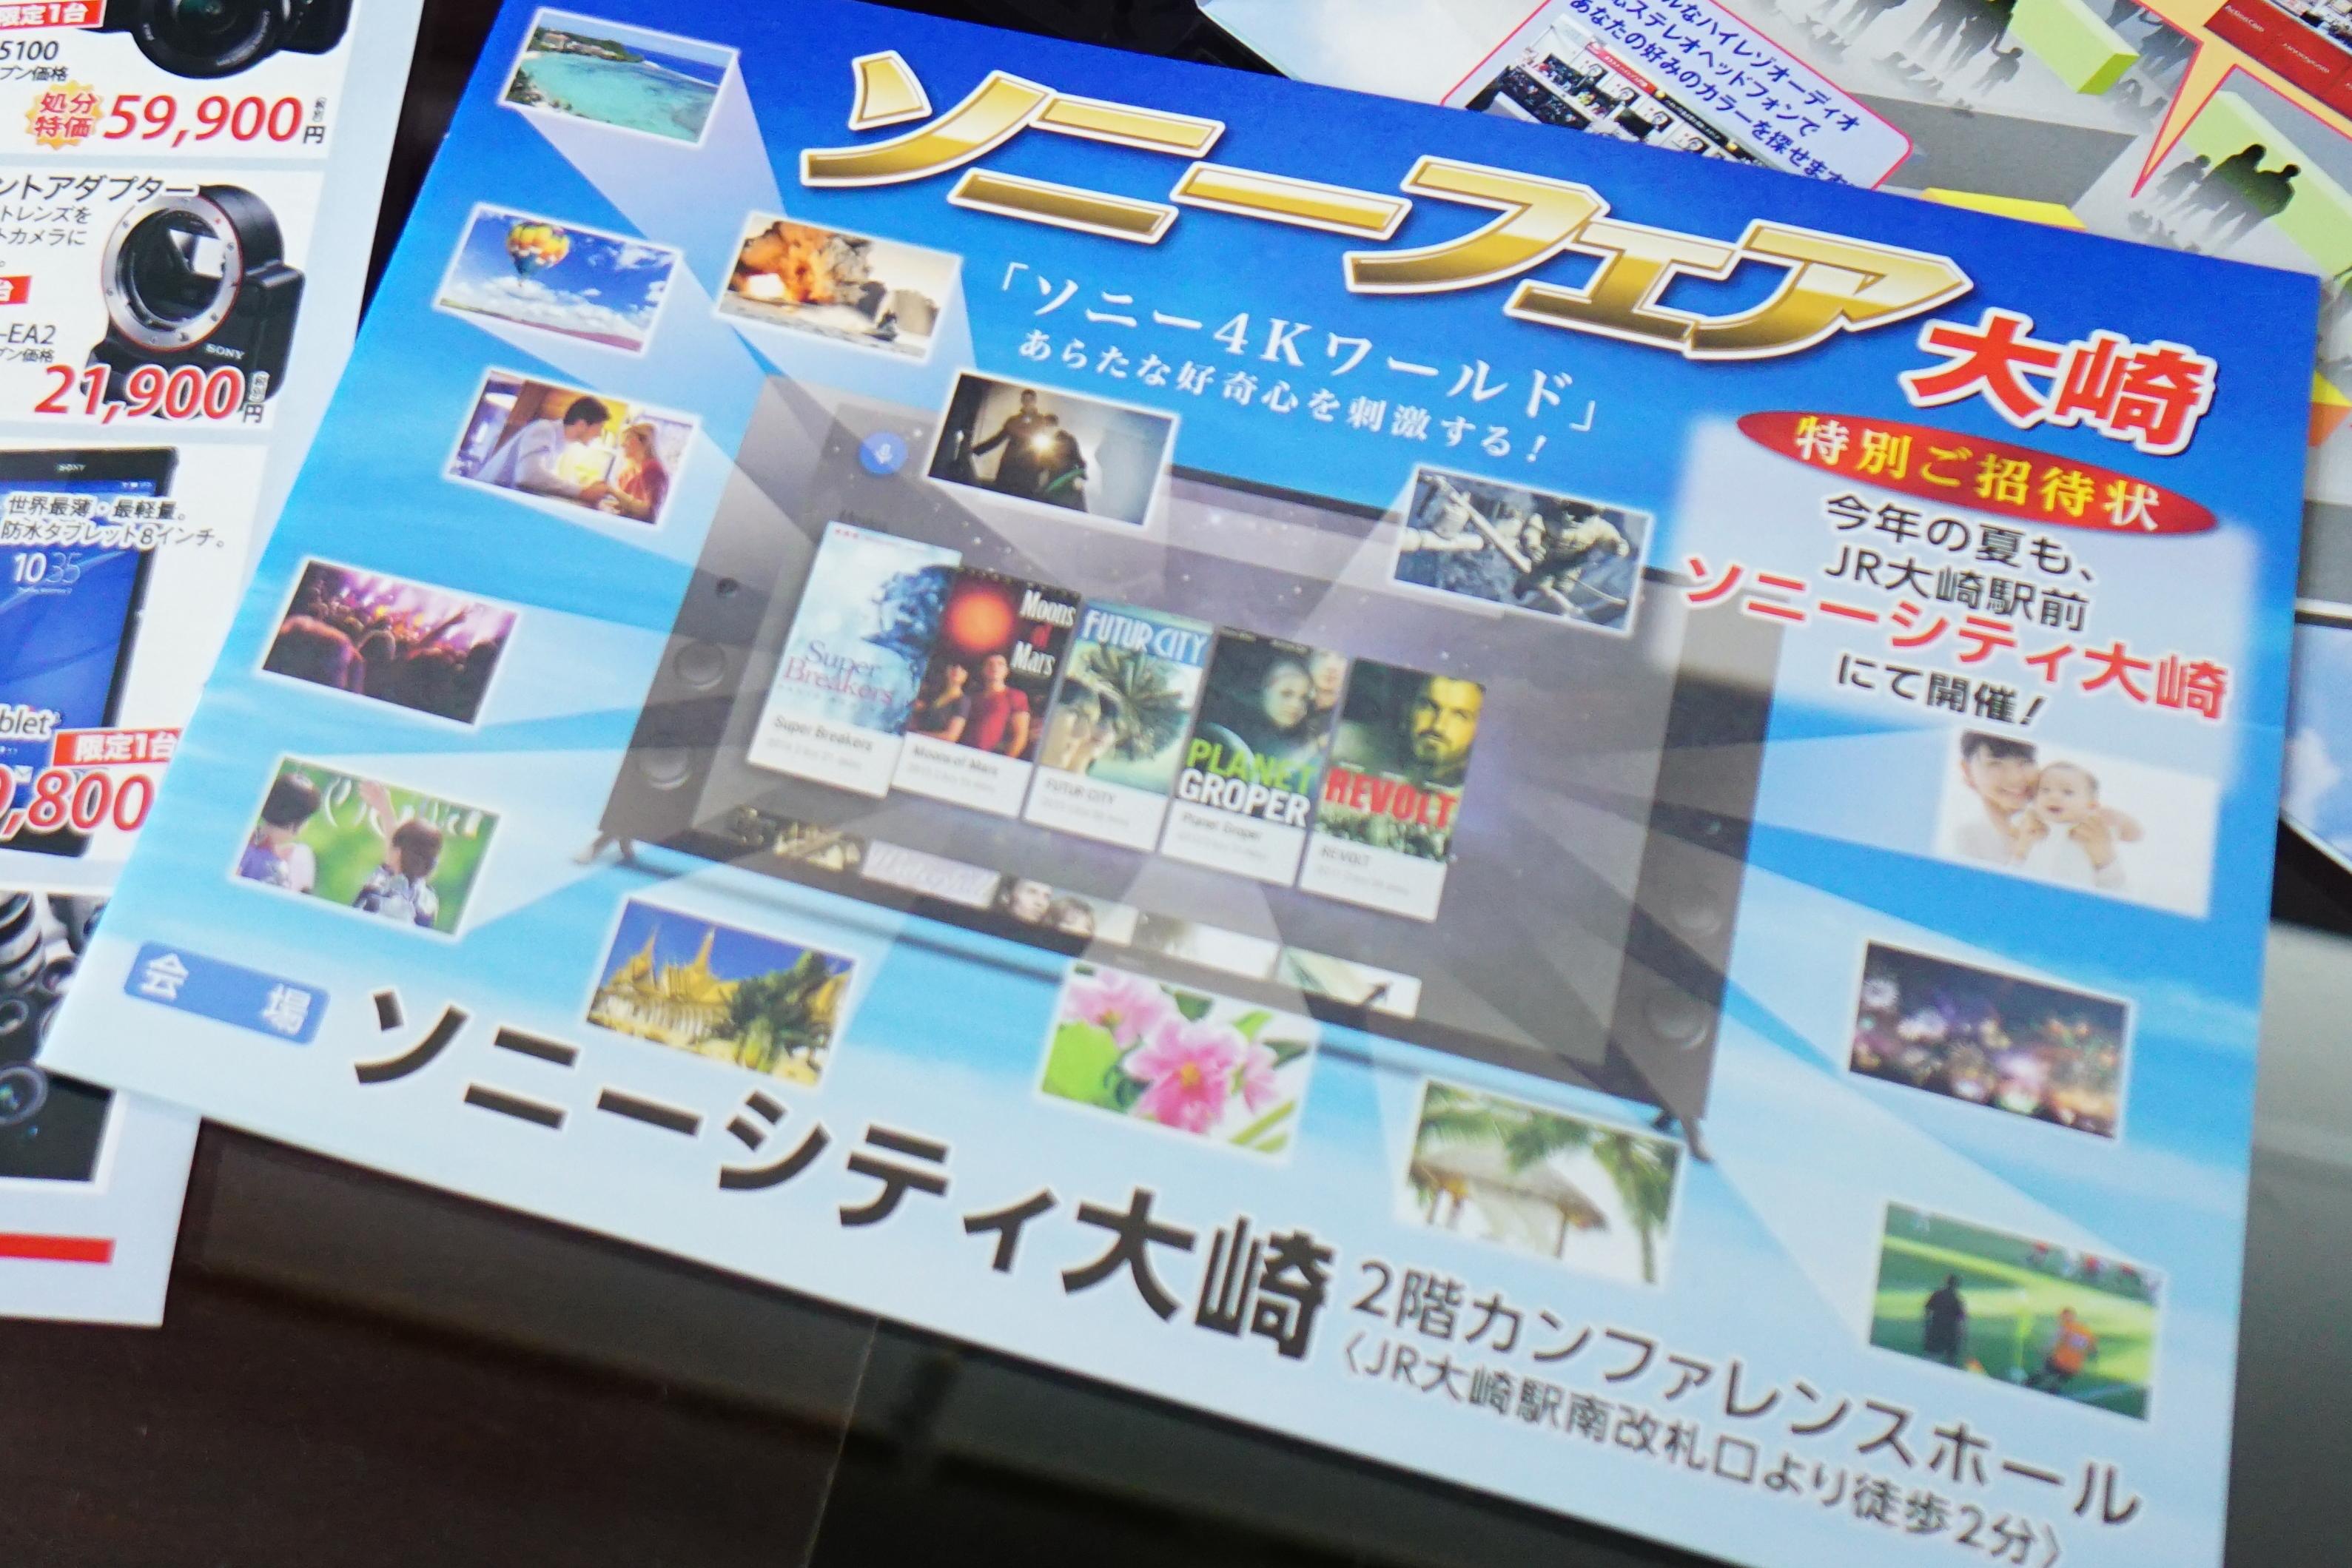 6月25日(土)・26日(日)はソニーシティ大崎にてソニーフェア開催!